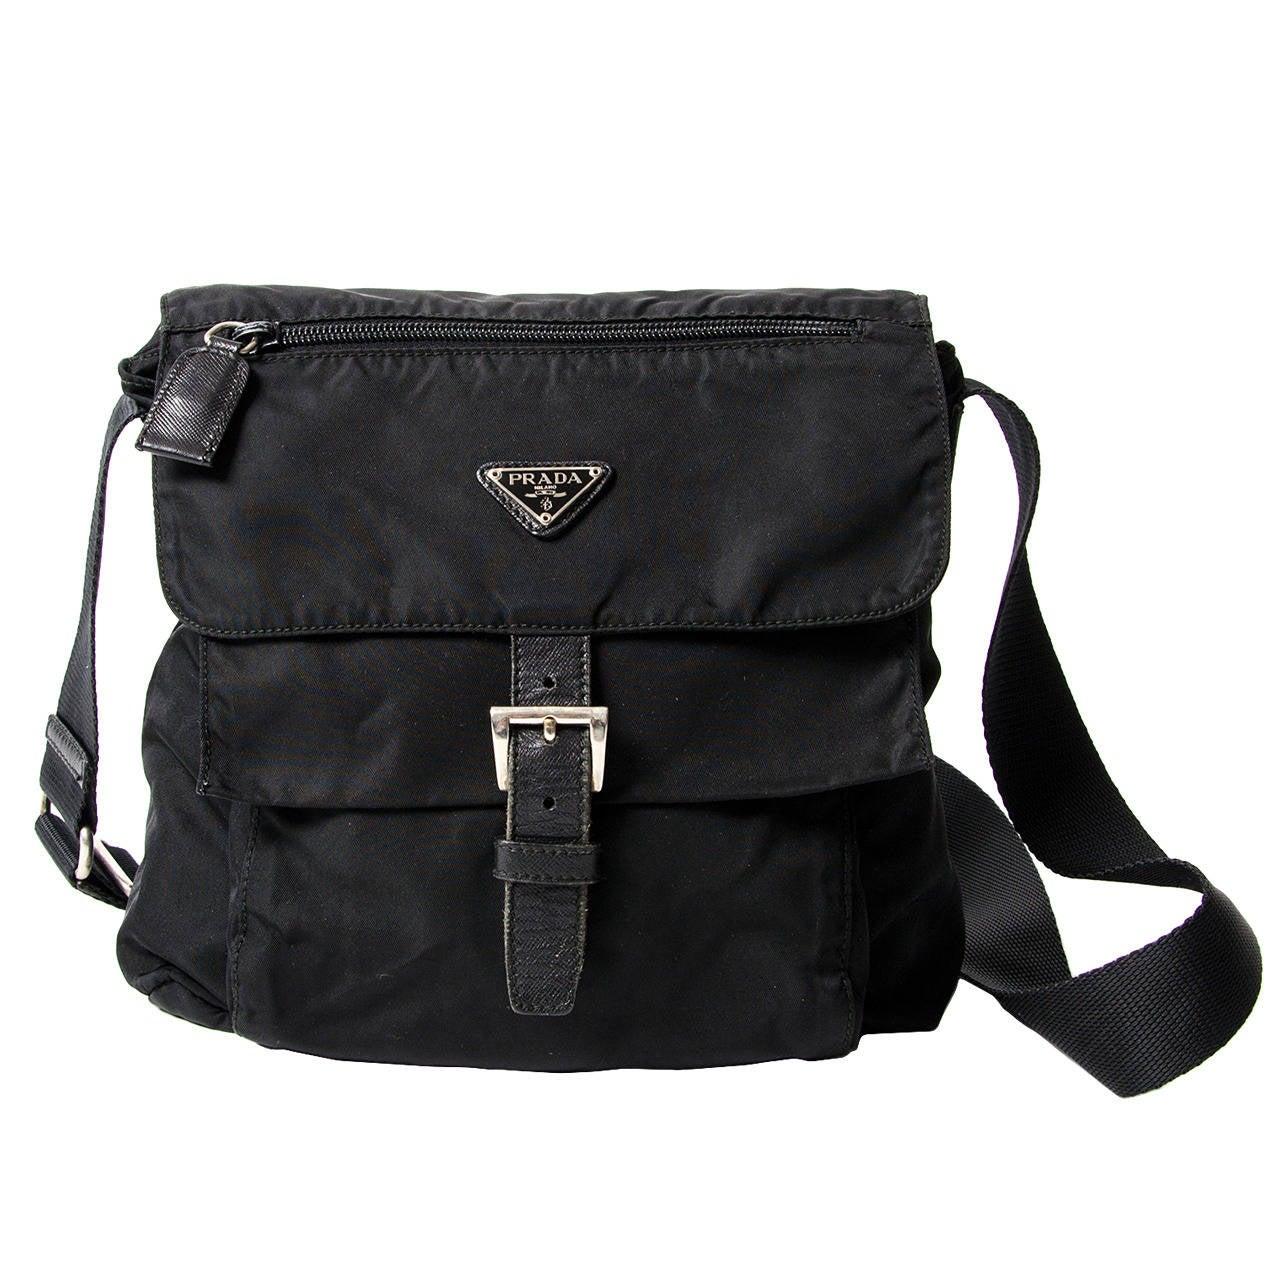 Prada Tessuto Messenger Bag at 1stdibs